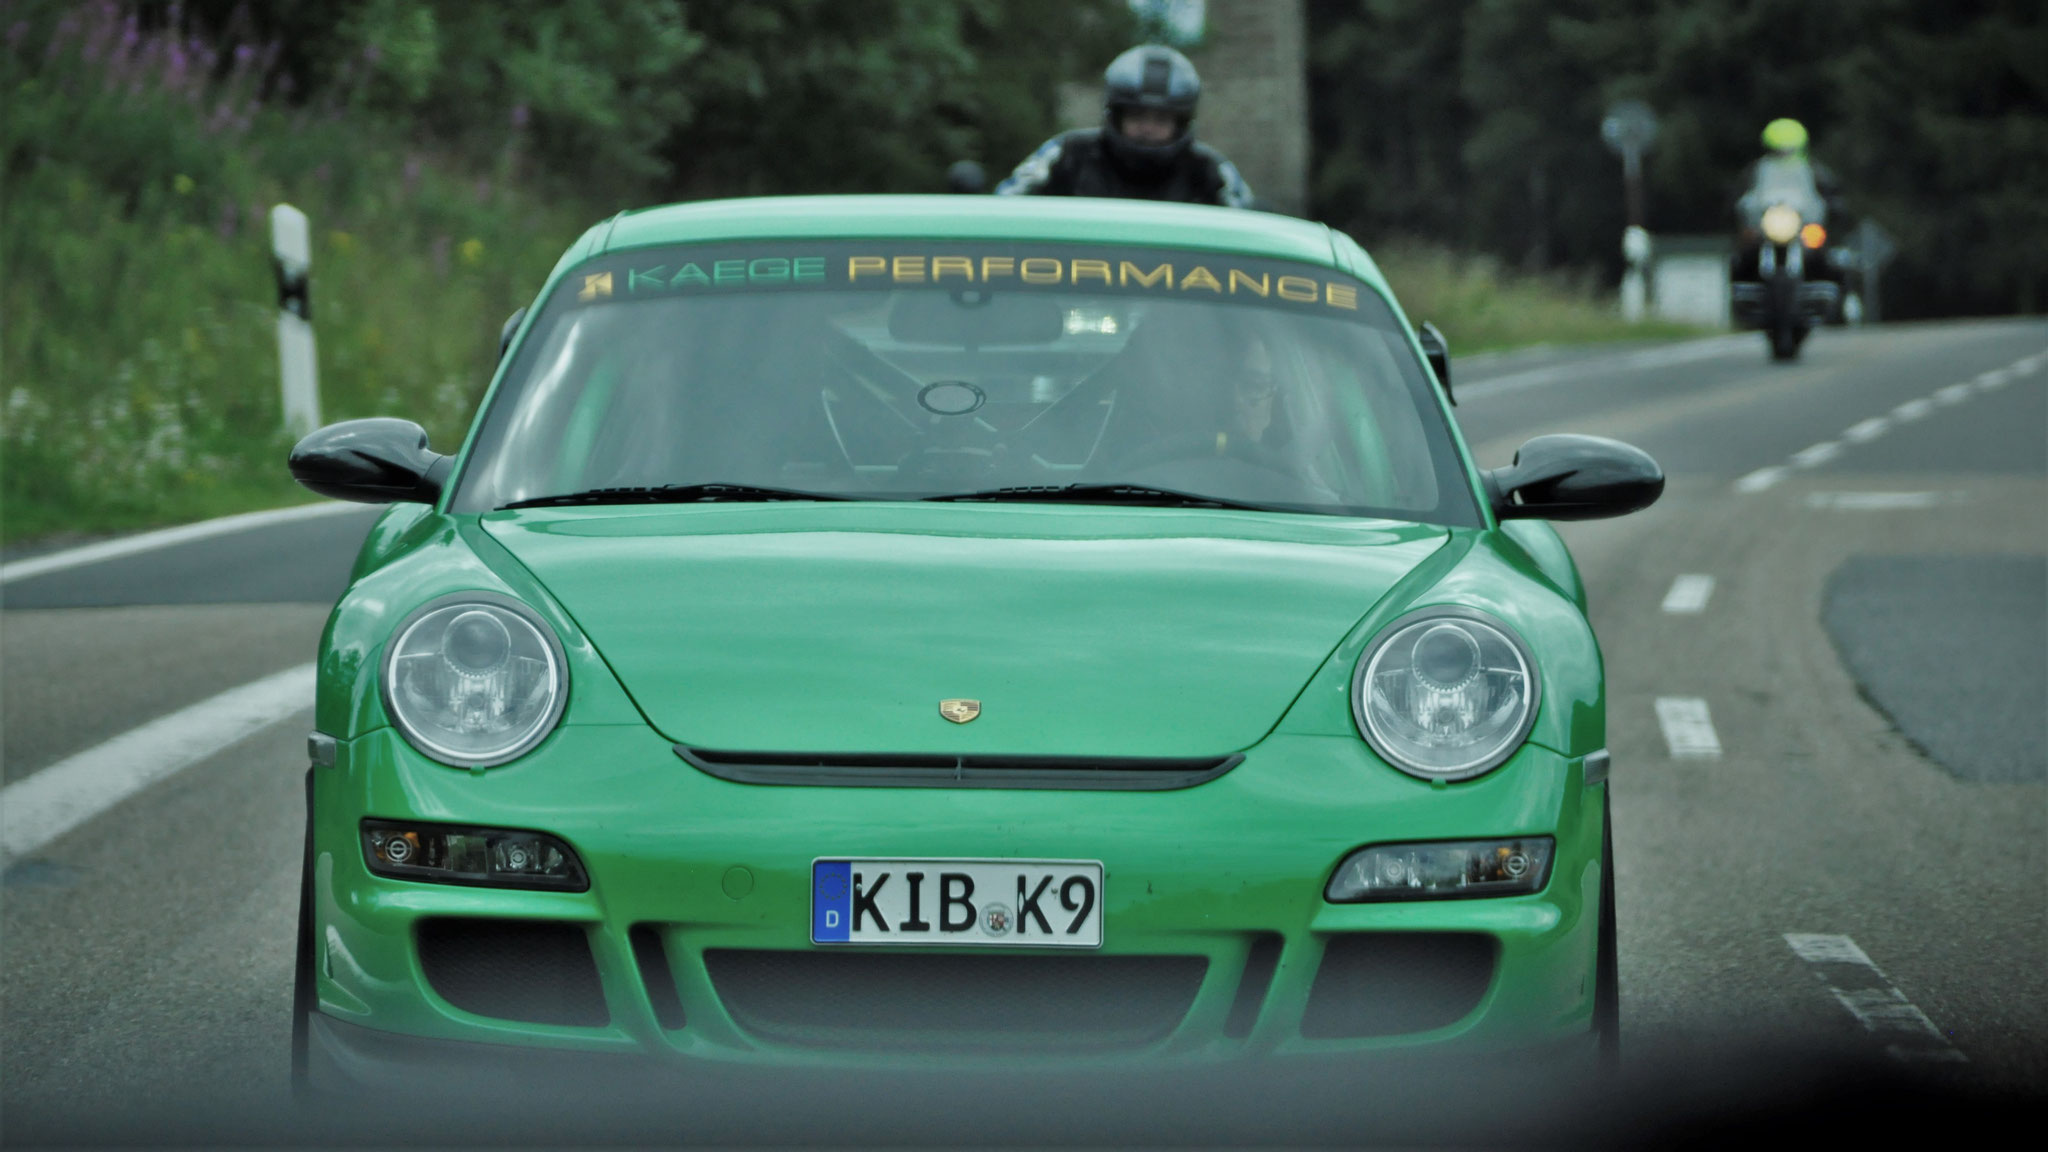 Porsche 997 GT3 RS - KIB-K-9